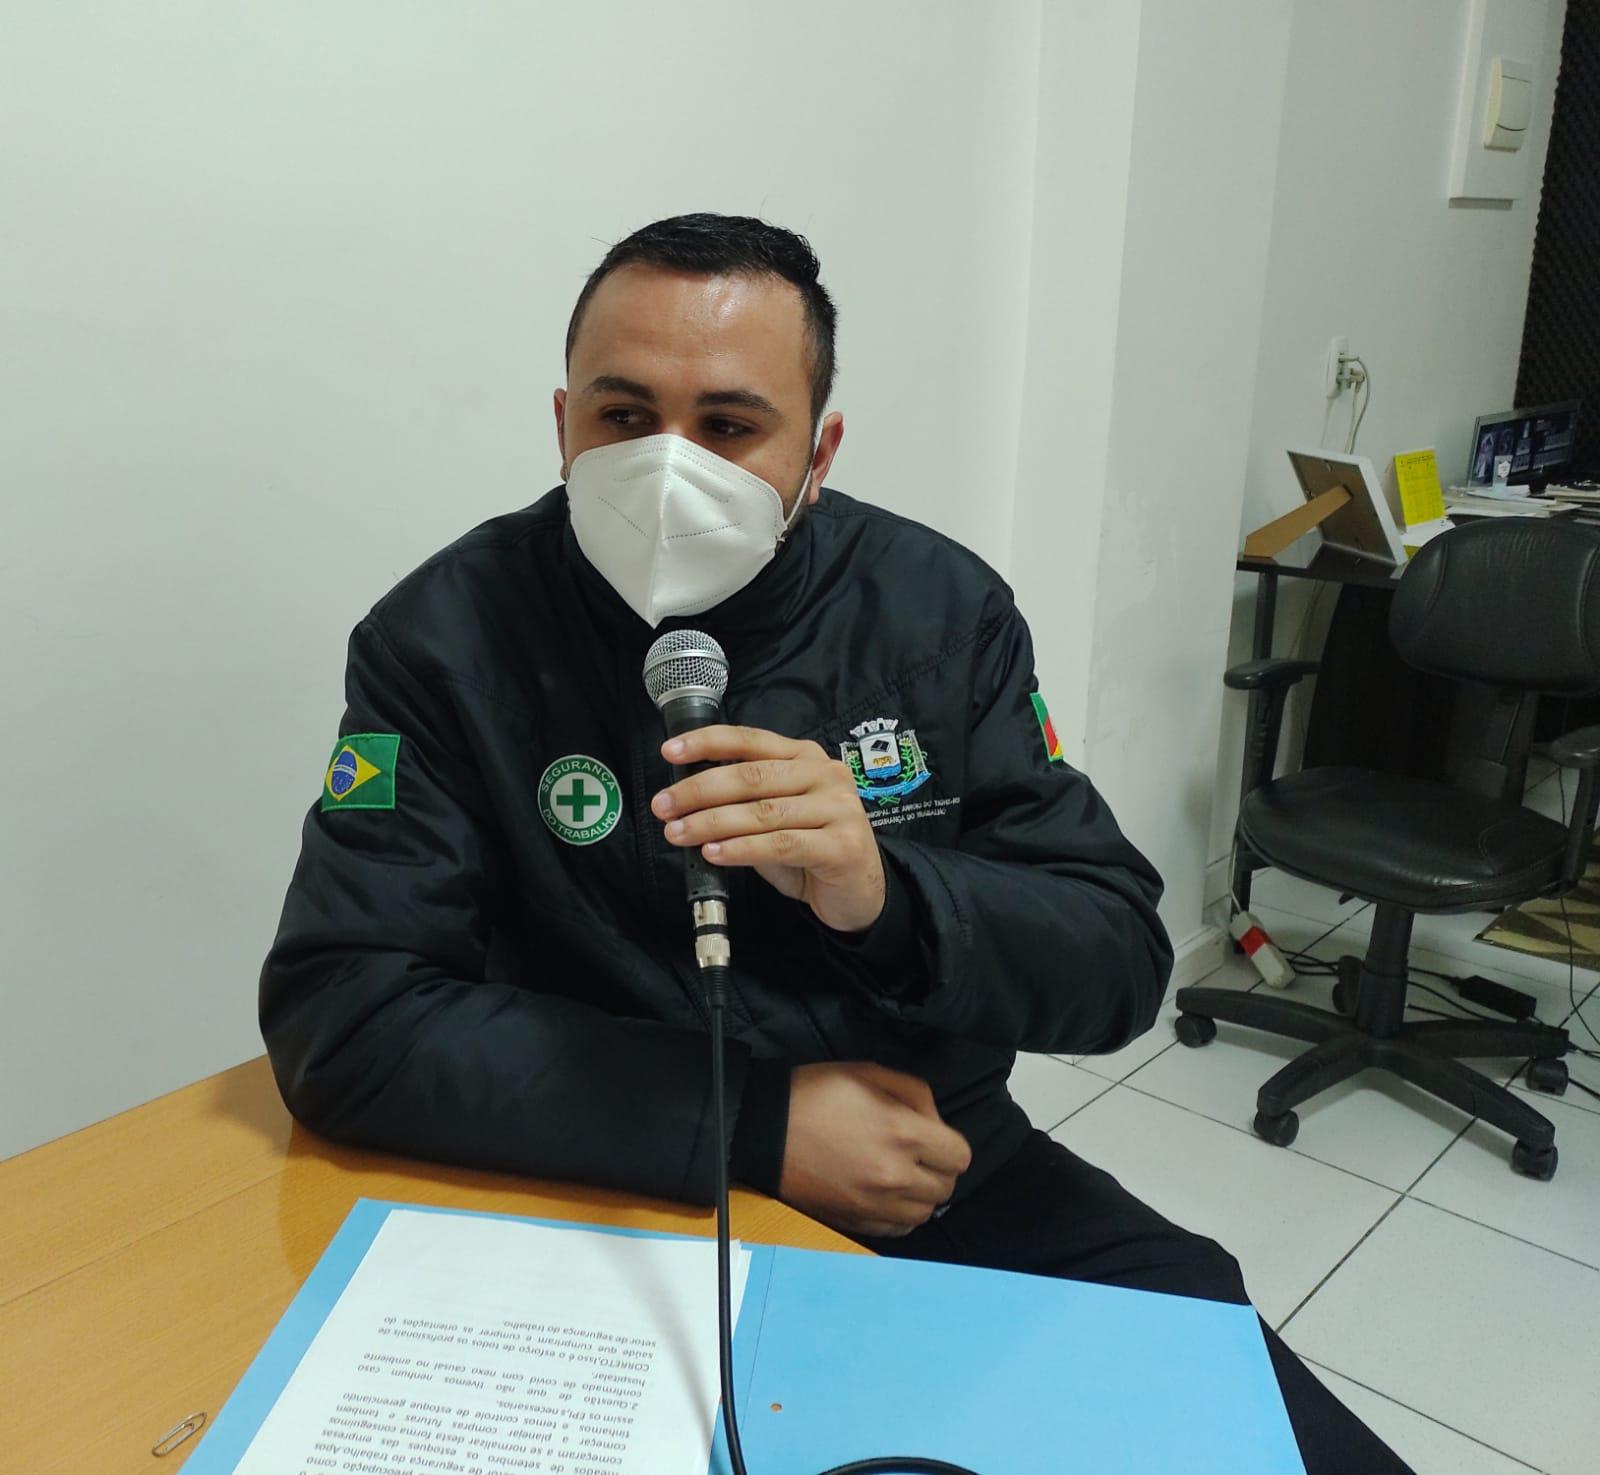 Técnico em Segurança do Trabalho destaca ações e treinamento de prevenção ao coronavírus nas repartições públicas de Arroio do Tigre